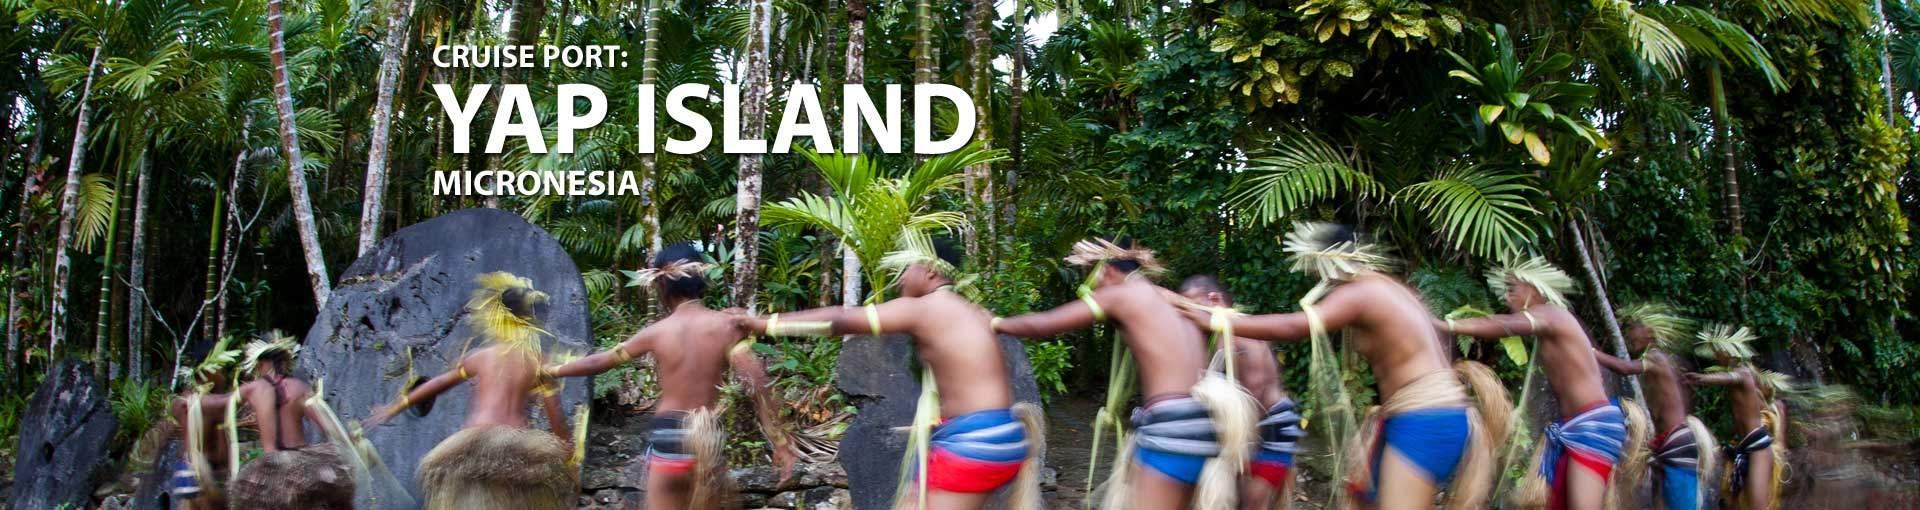 Cruises to Yap Island